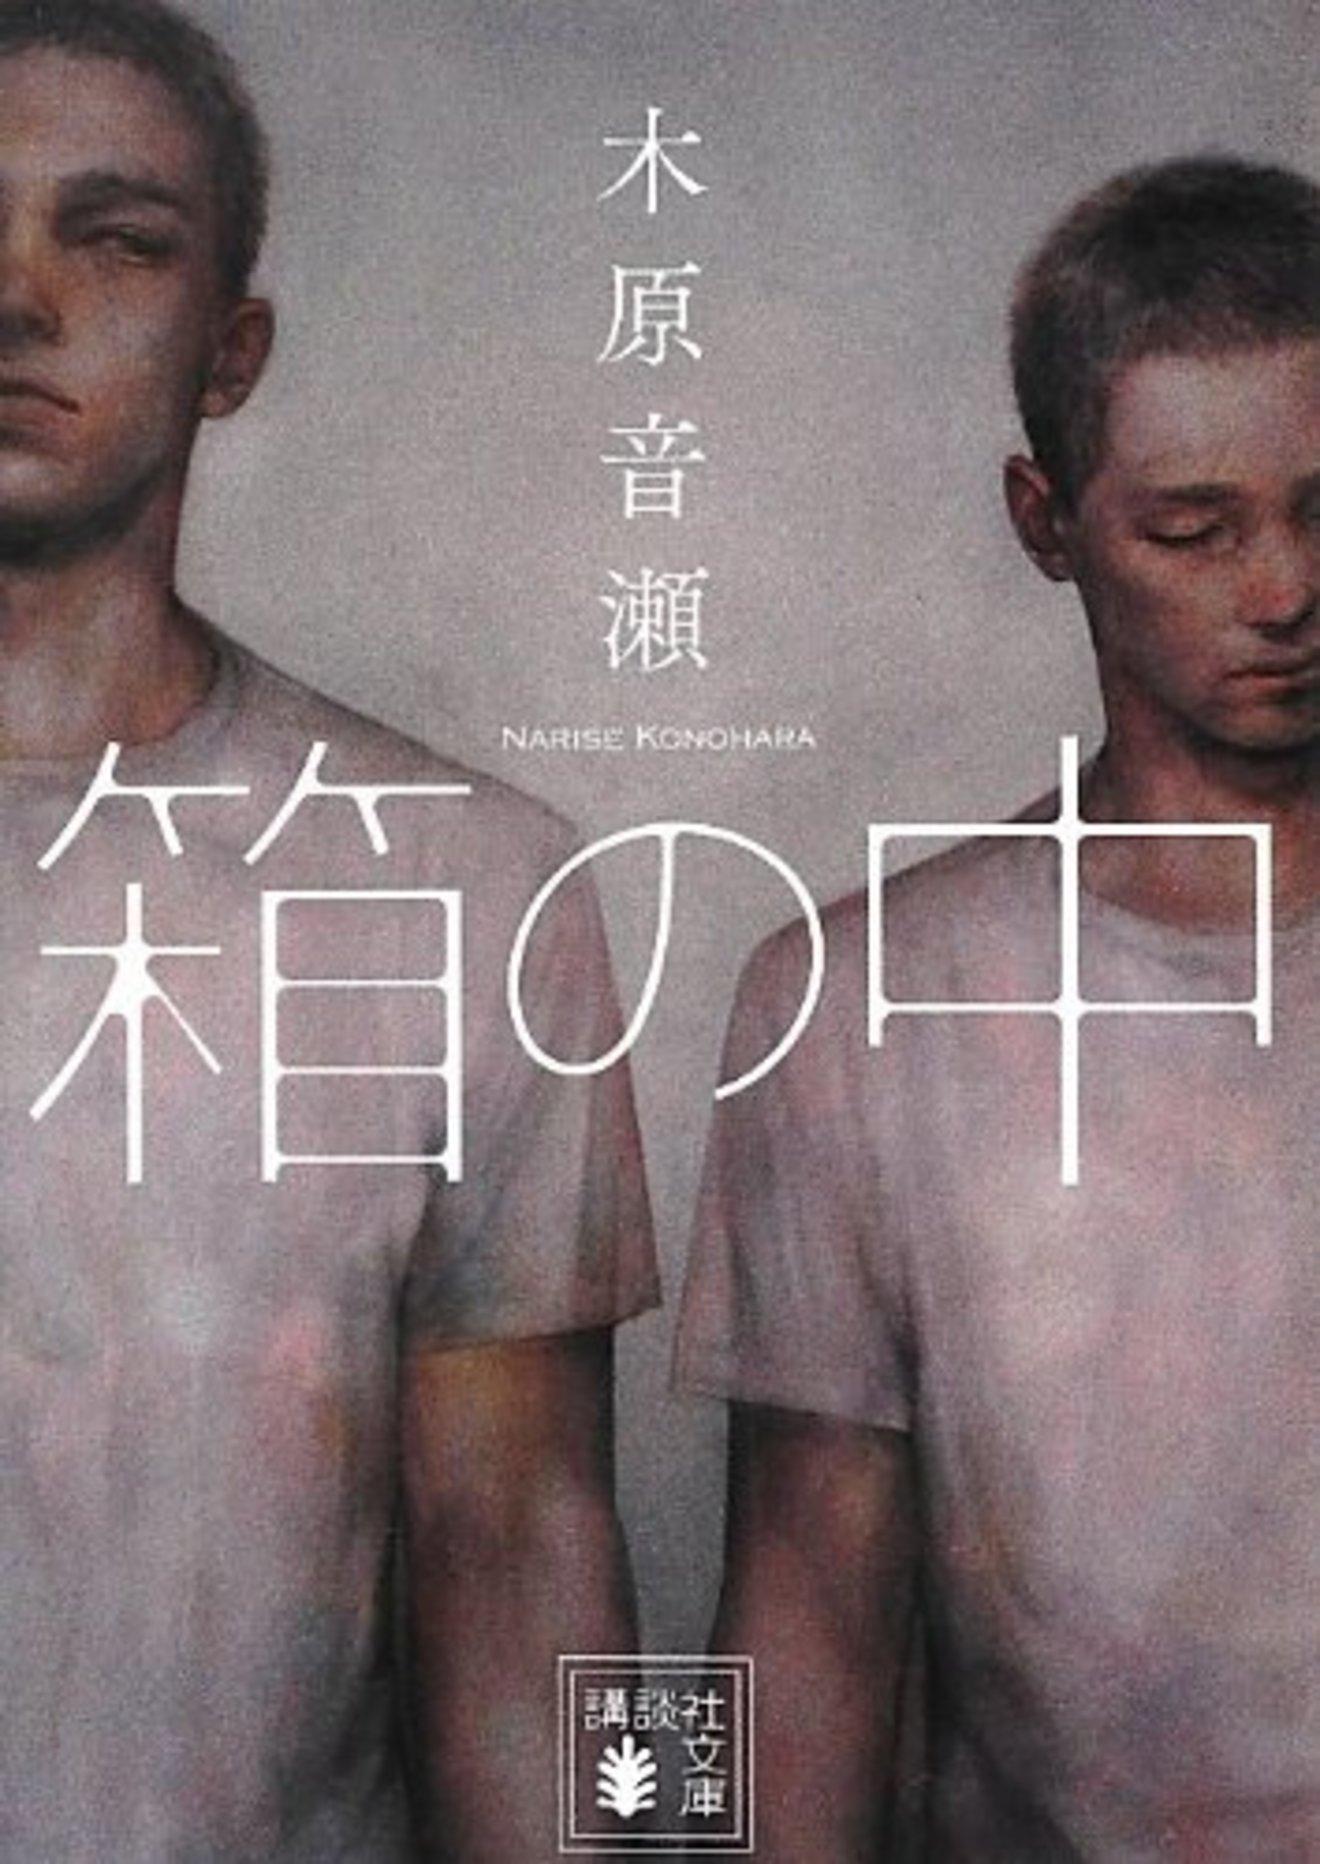 木原音瀬のおすすめBL小説ランキングベスト5!